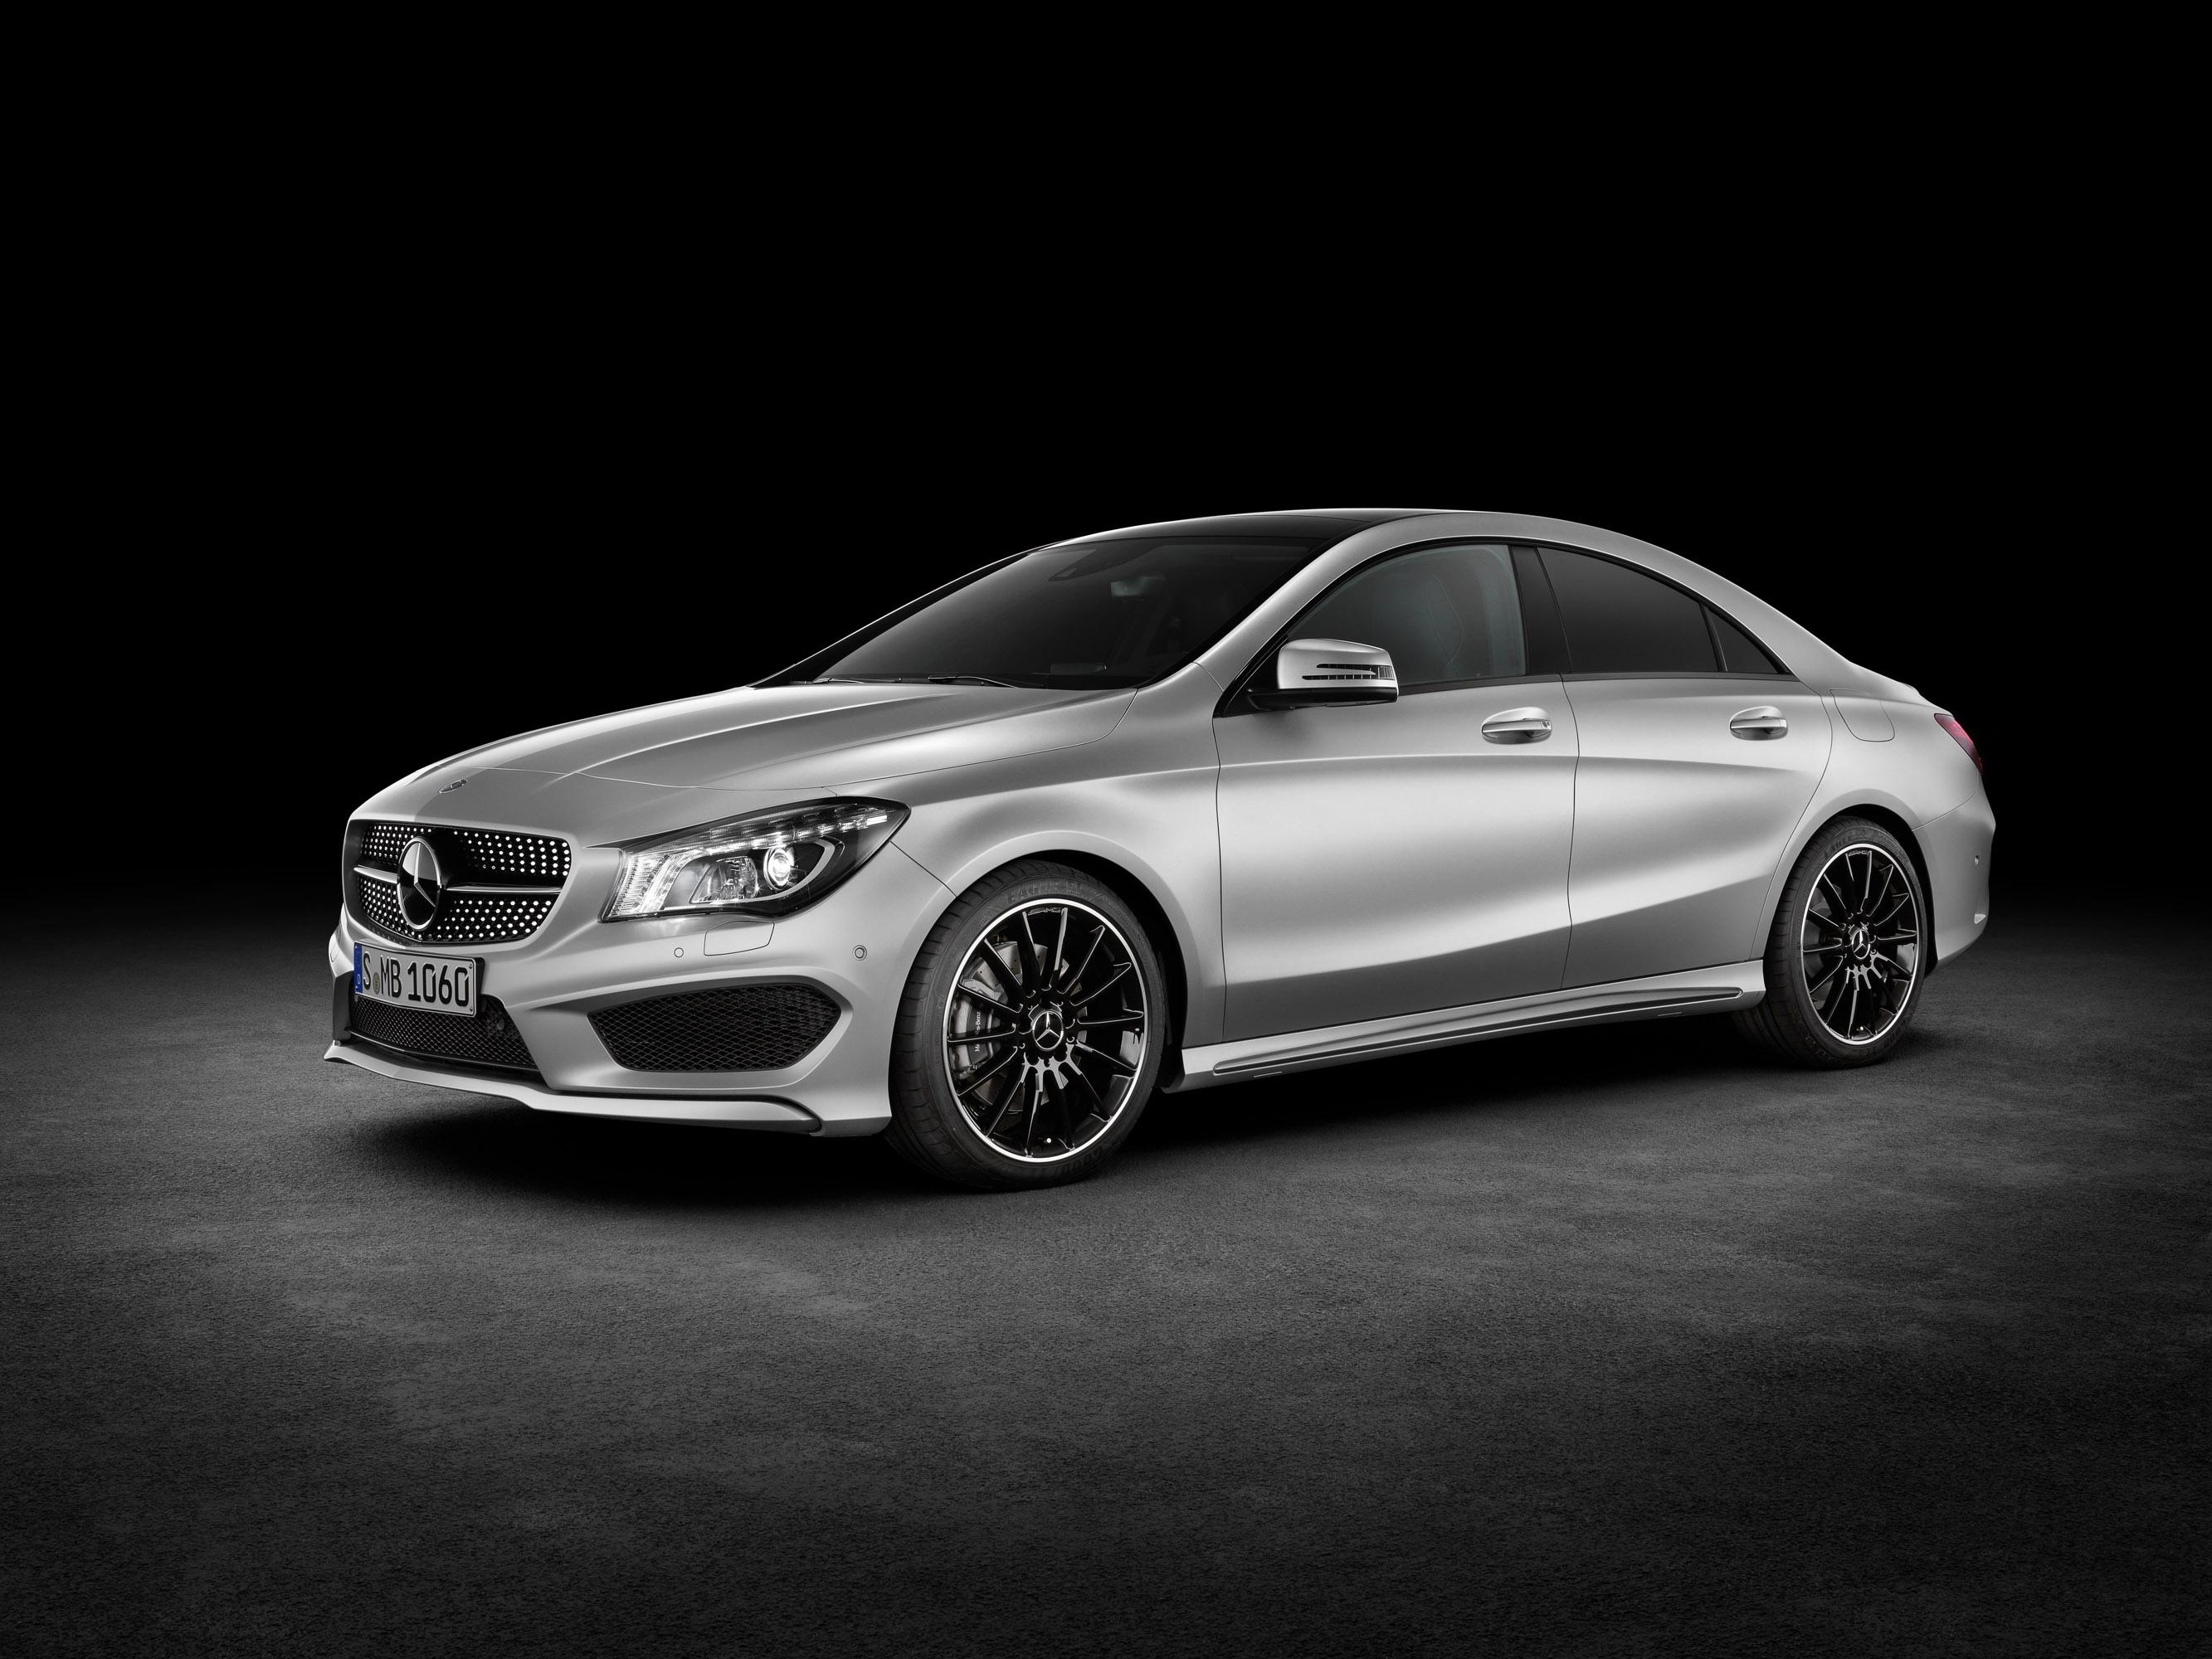 Mercedes-Benz CLA готовится к 2015 году, с большим количеством функций  - фотография №1